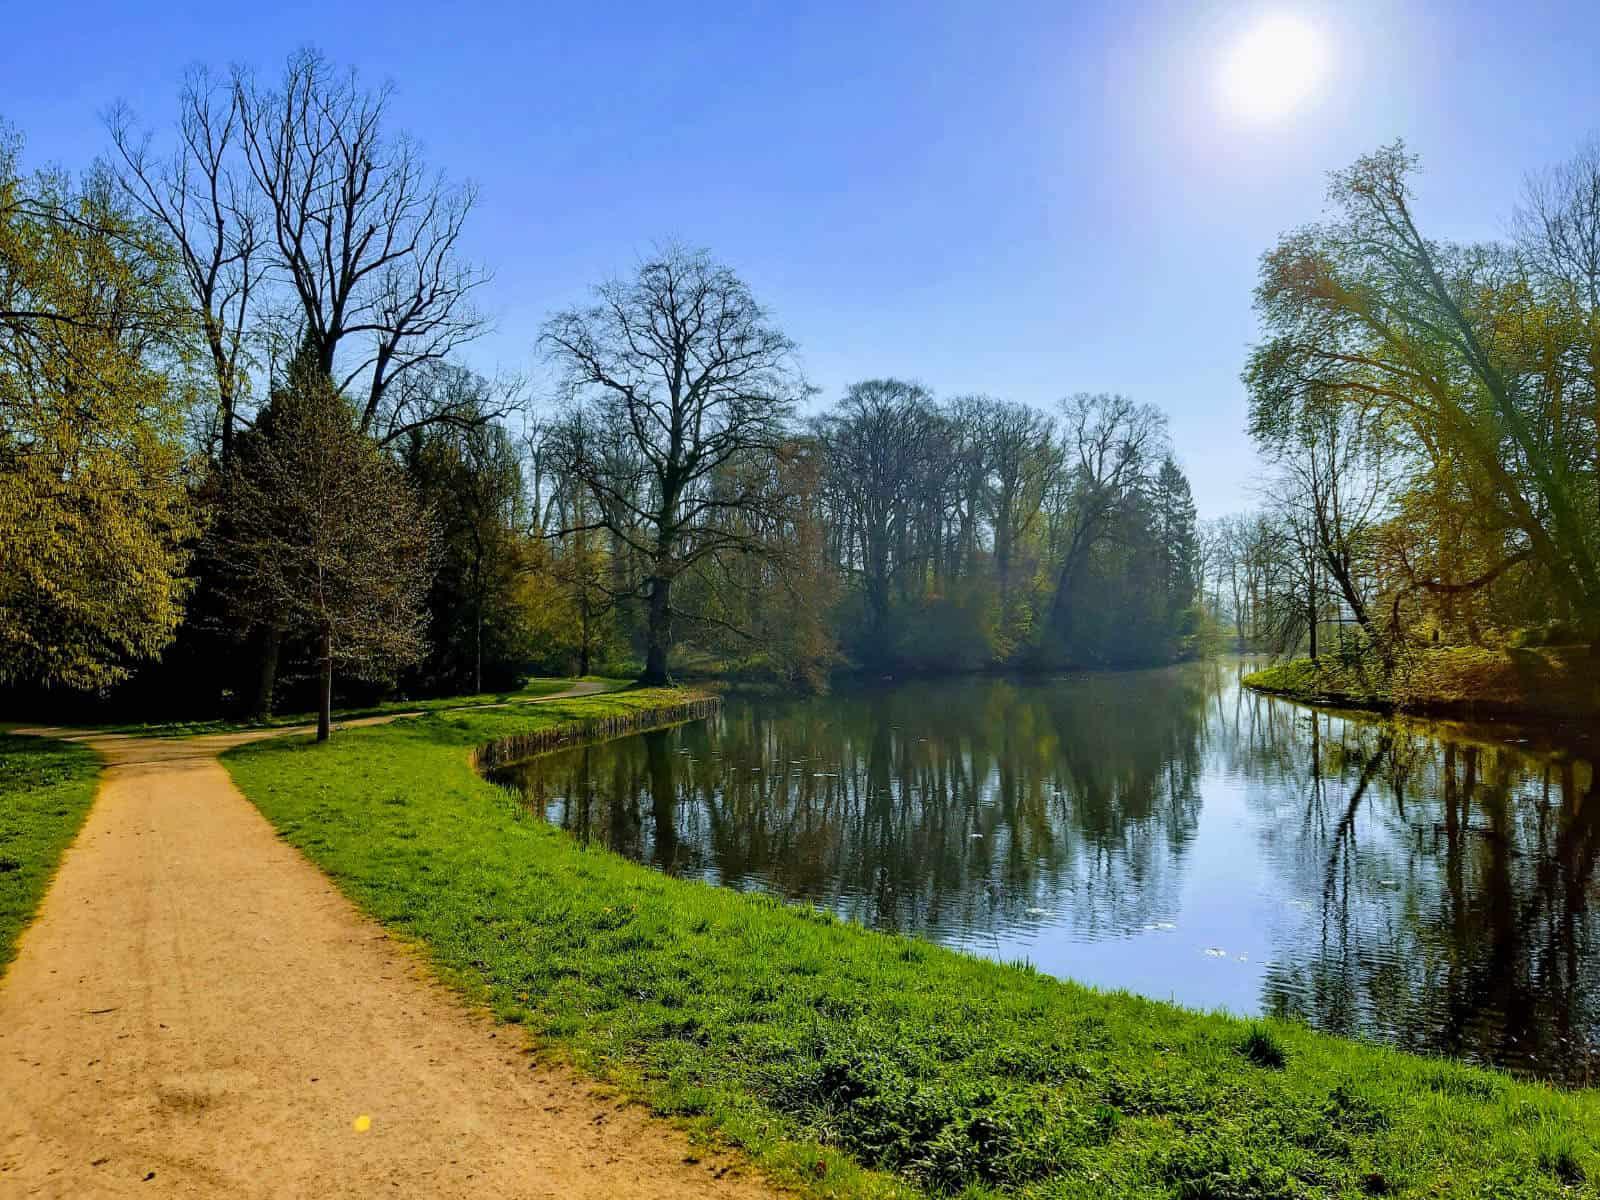 Krista van der horst praktijk voor coaching zwolle 900-1600- wandelcoaching-natuurcoaching engelse werk